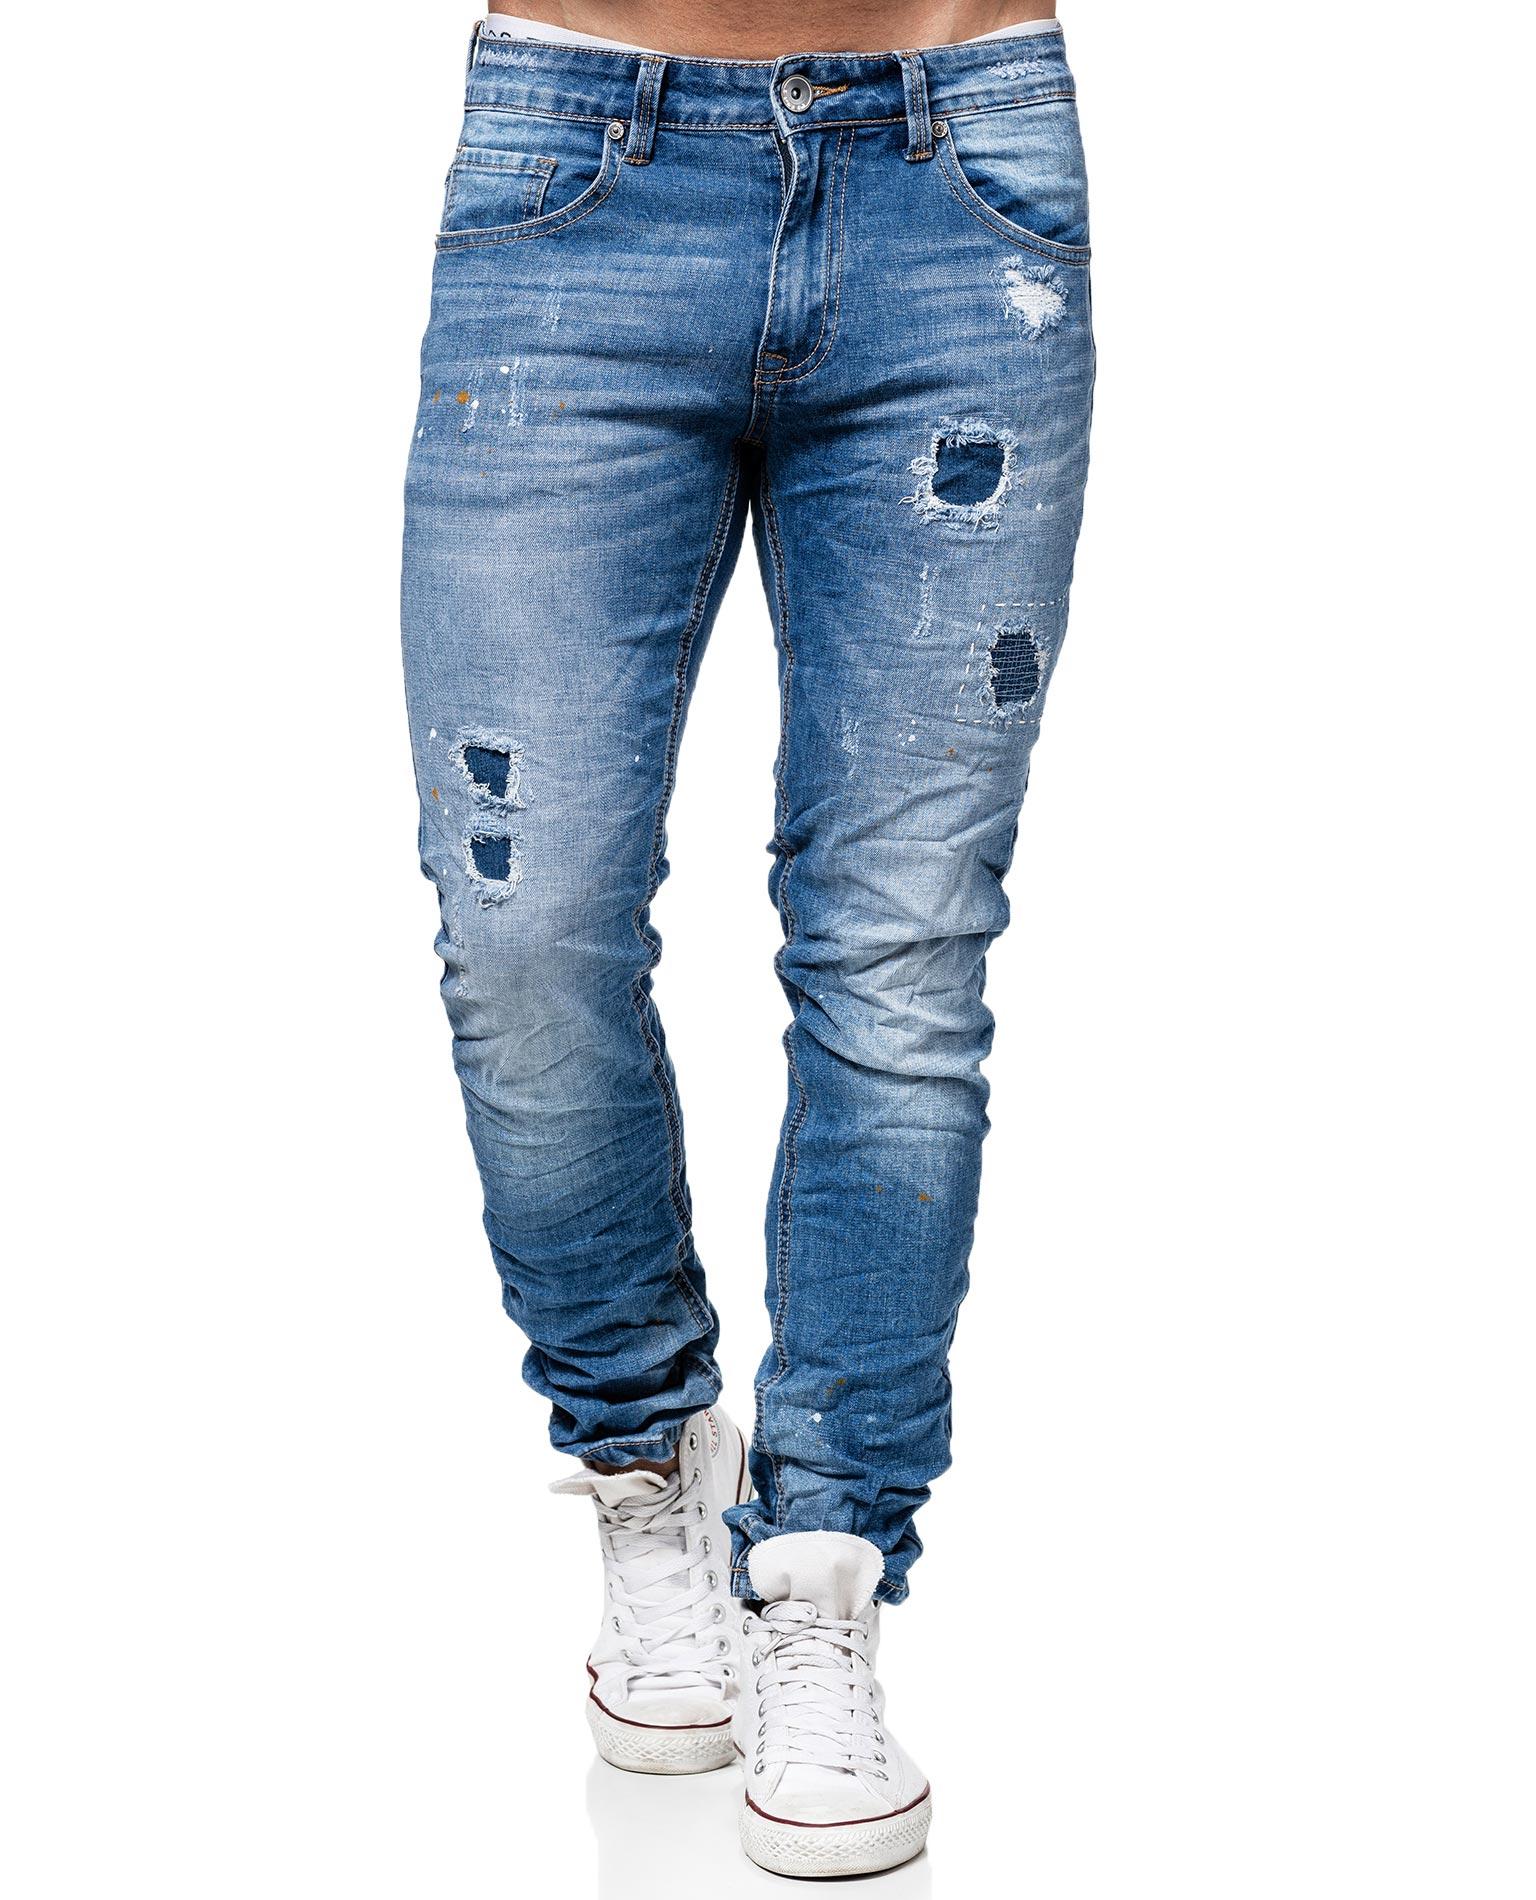 dettagliare nessuna tassa di vendita più amato Leox Blue Jeans L32 Jerone - 6616 - Jeans - Jerone.com